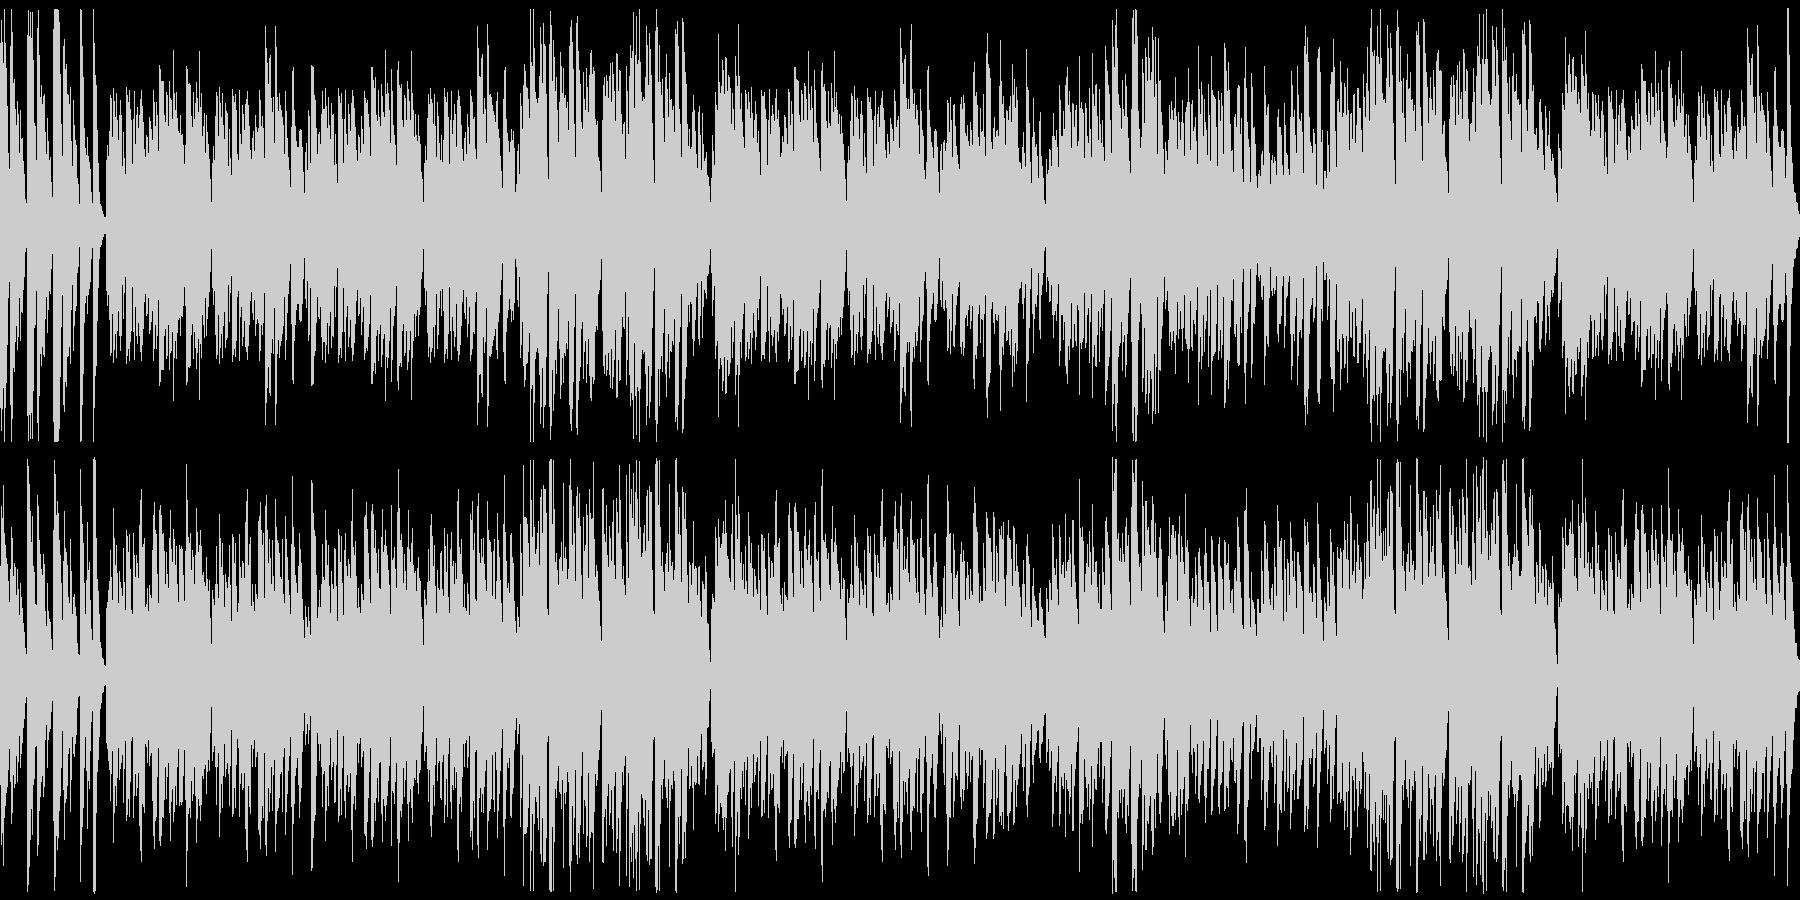 オーソドックスな陽気なラグタイムの未再生の波形